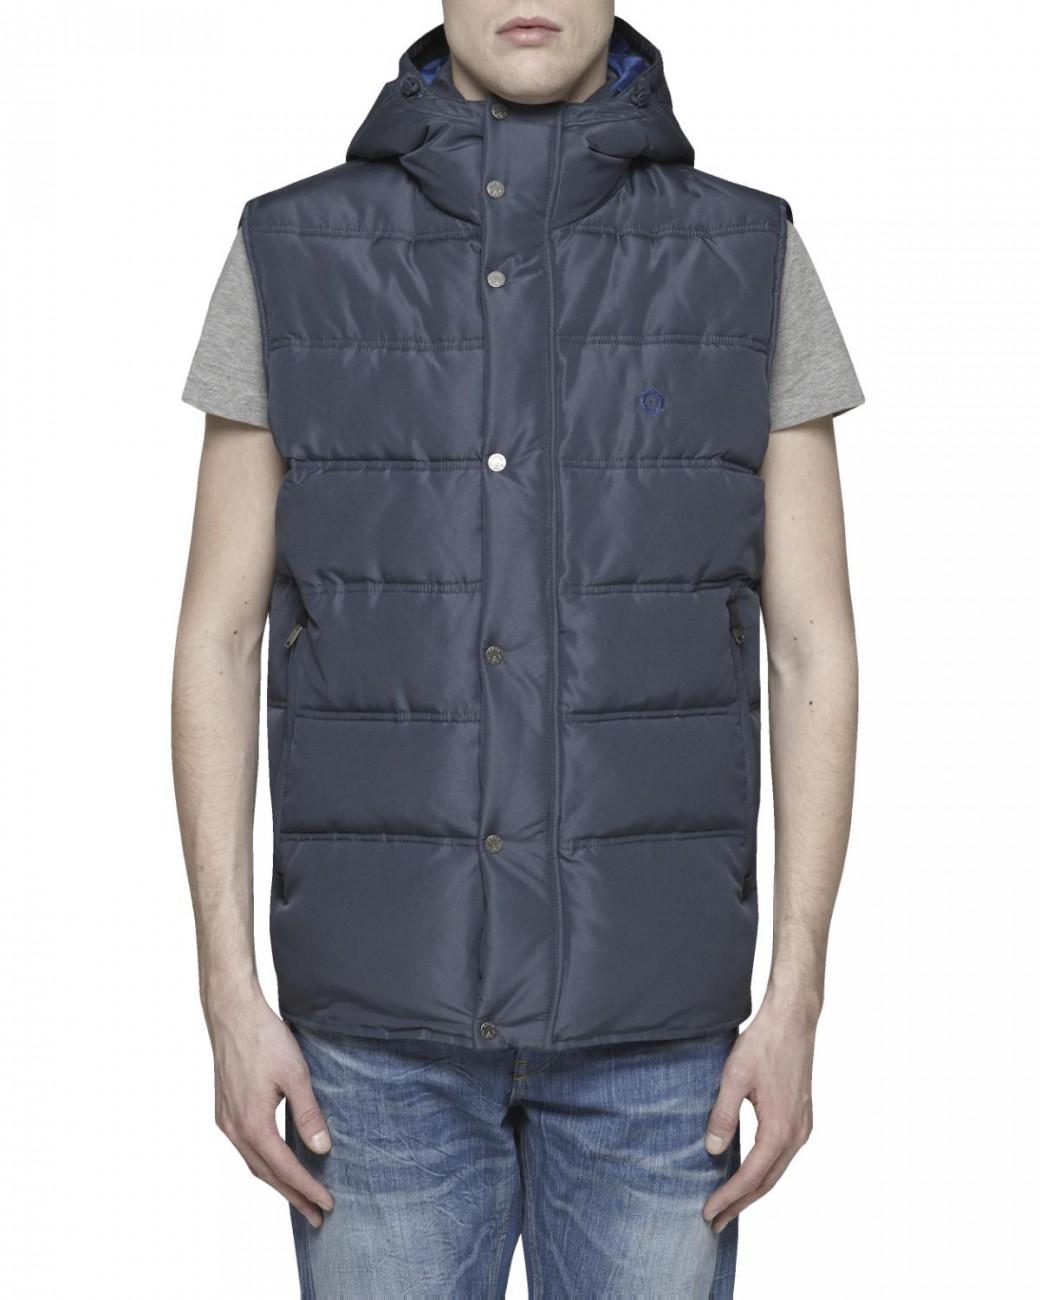 jack jones herren weste ace kaufen jeans direct de. Black Bedroom Furniture Sets. Home Design Ideas